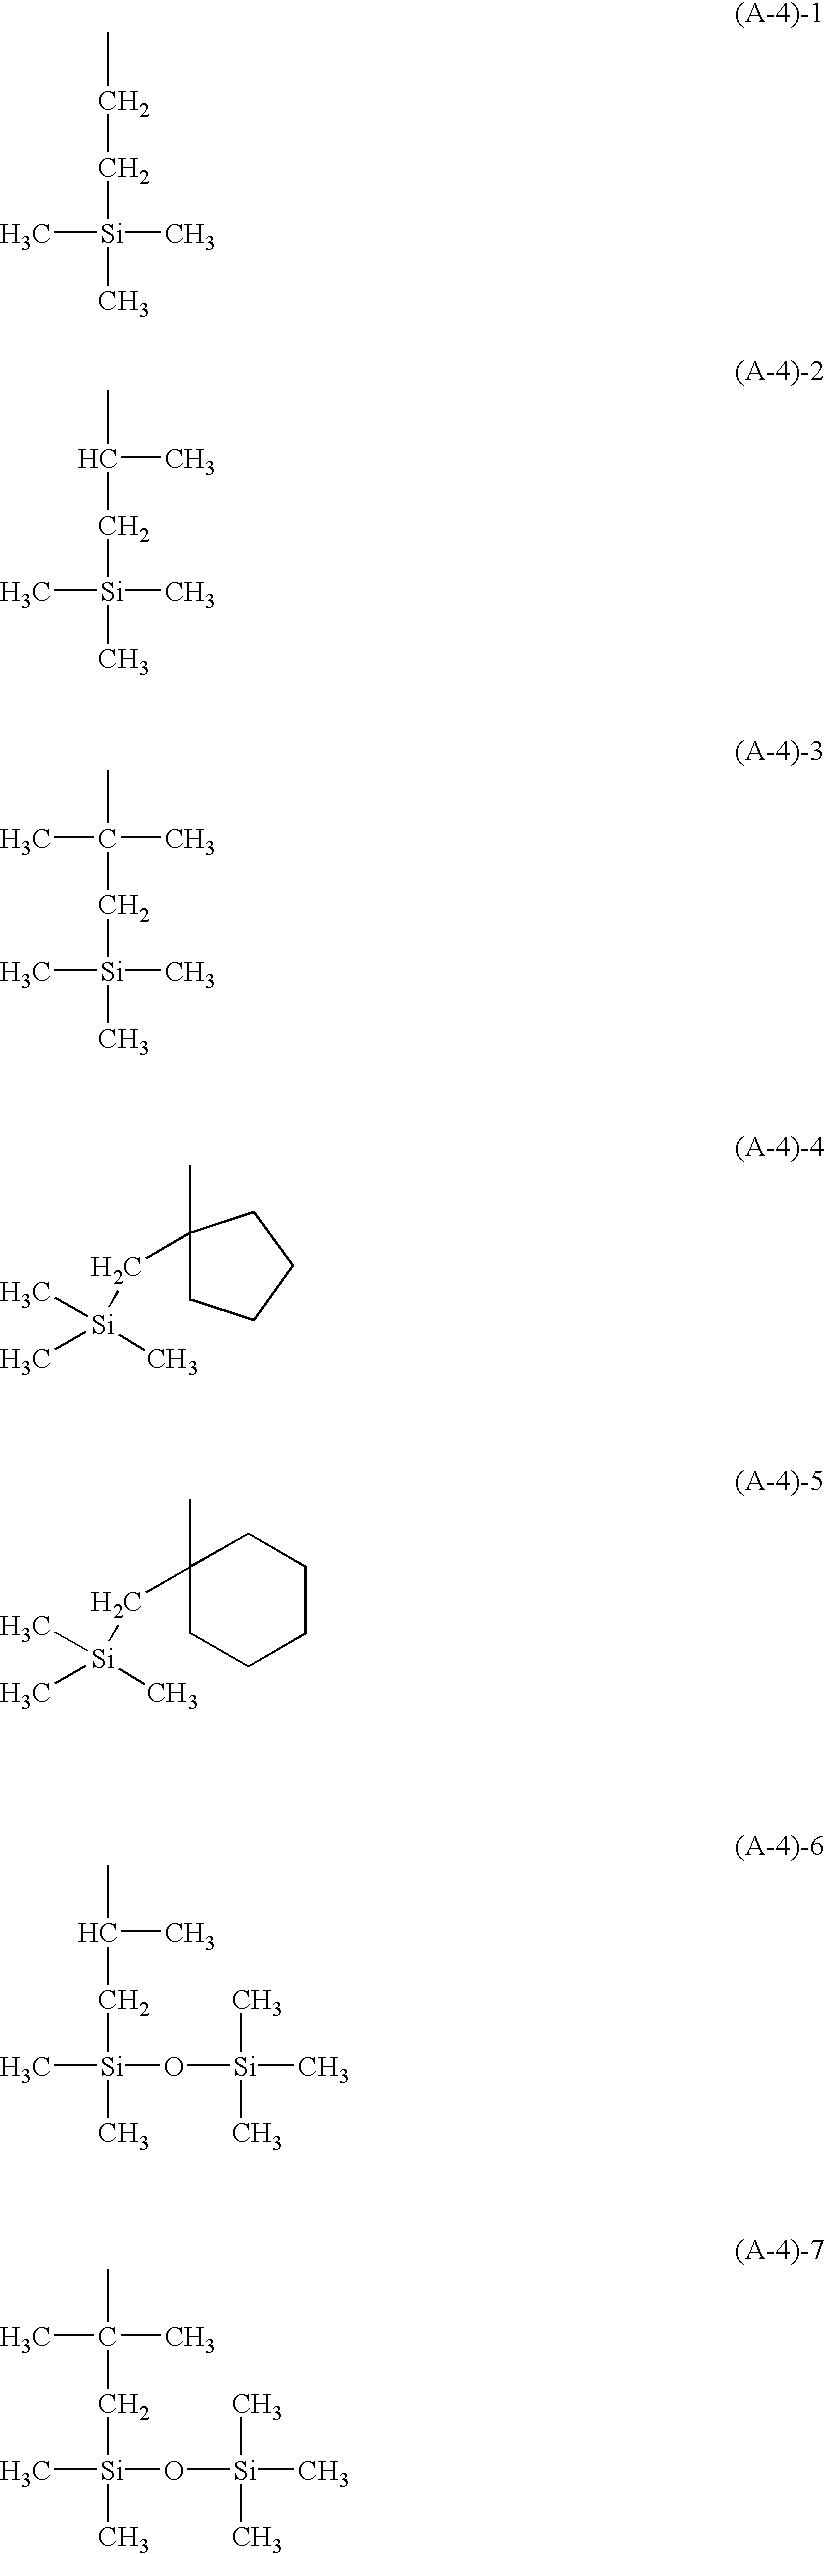 Figure US20030113659A1-20030619-C00011